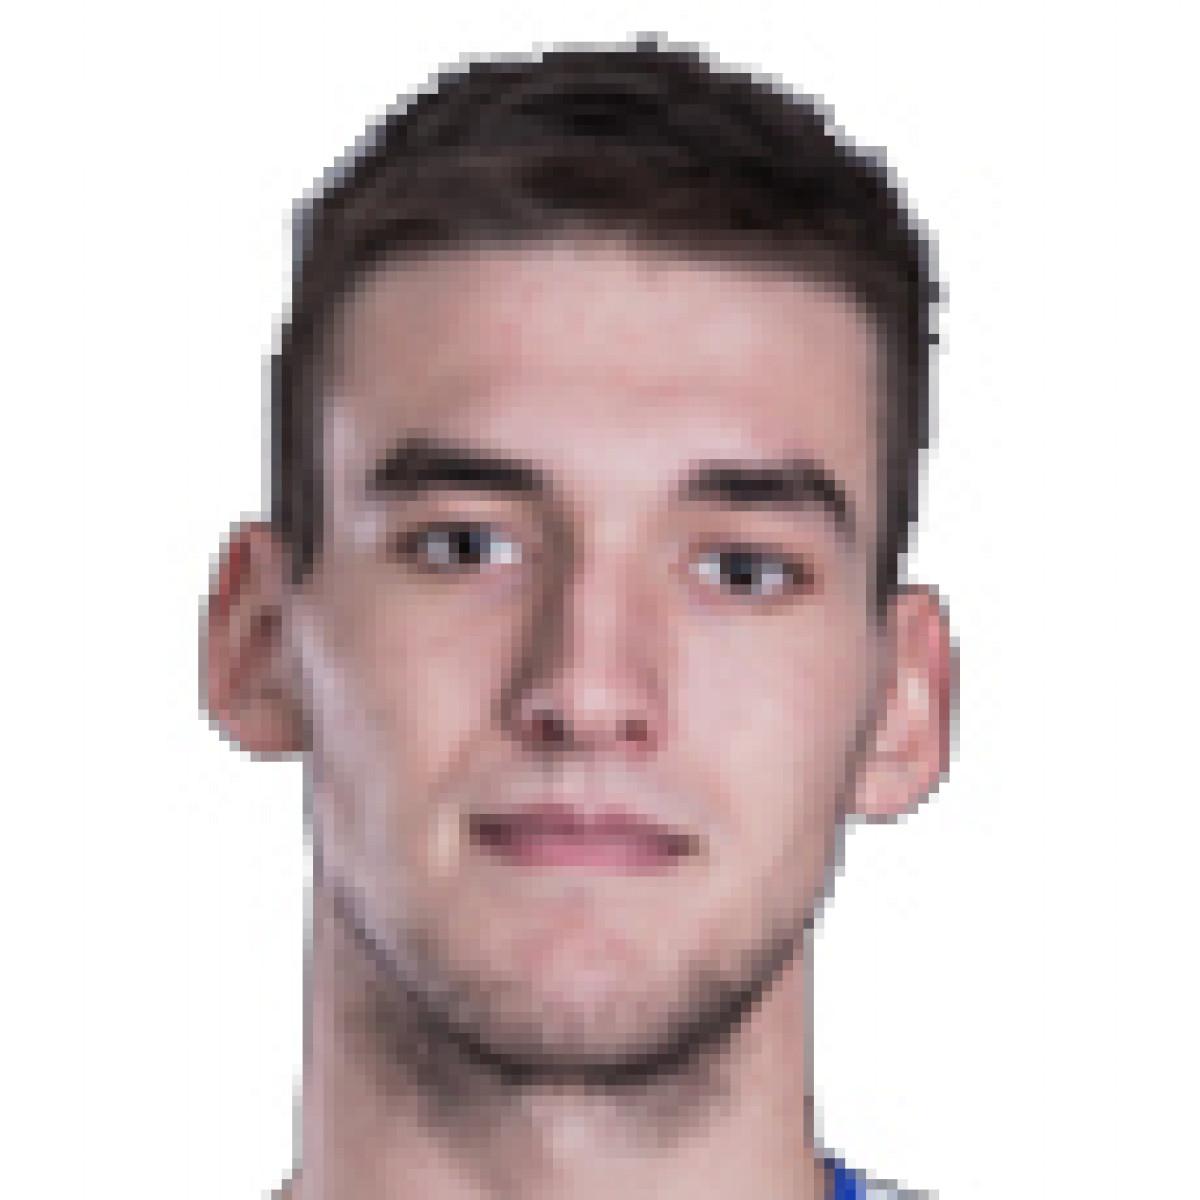 Damian Antczak